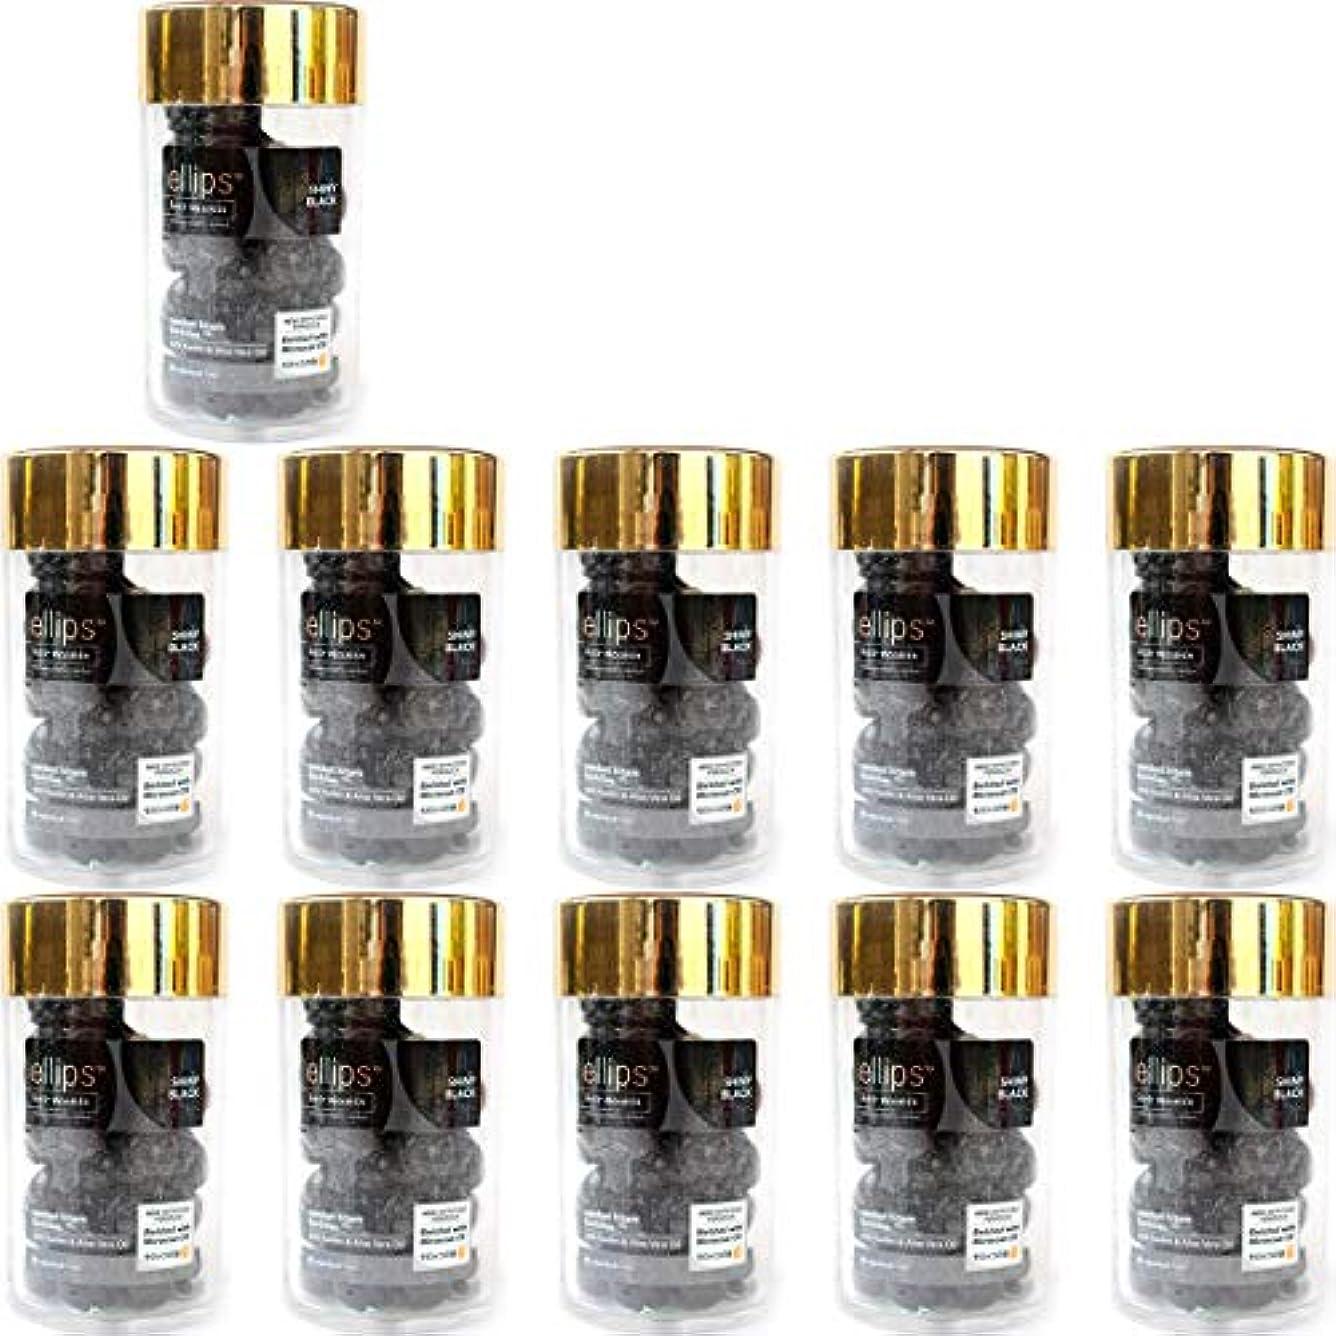 ボトルネックブルゴーニュ人気のellips エリプス ヘアビタミン ヘアオイル エリップス トリートメント ナチュラルシリーズ 50粒入ボトル ブラック 11個セット [海外直送品]